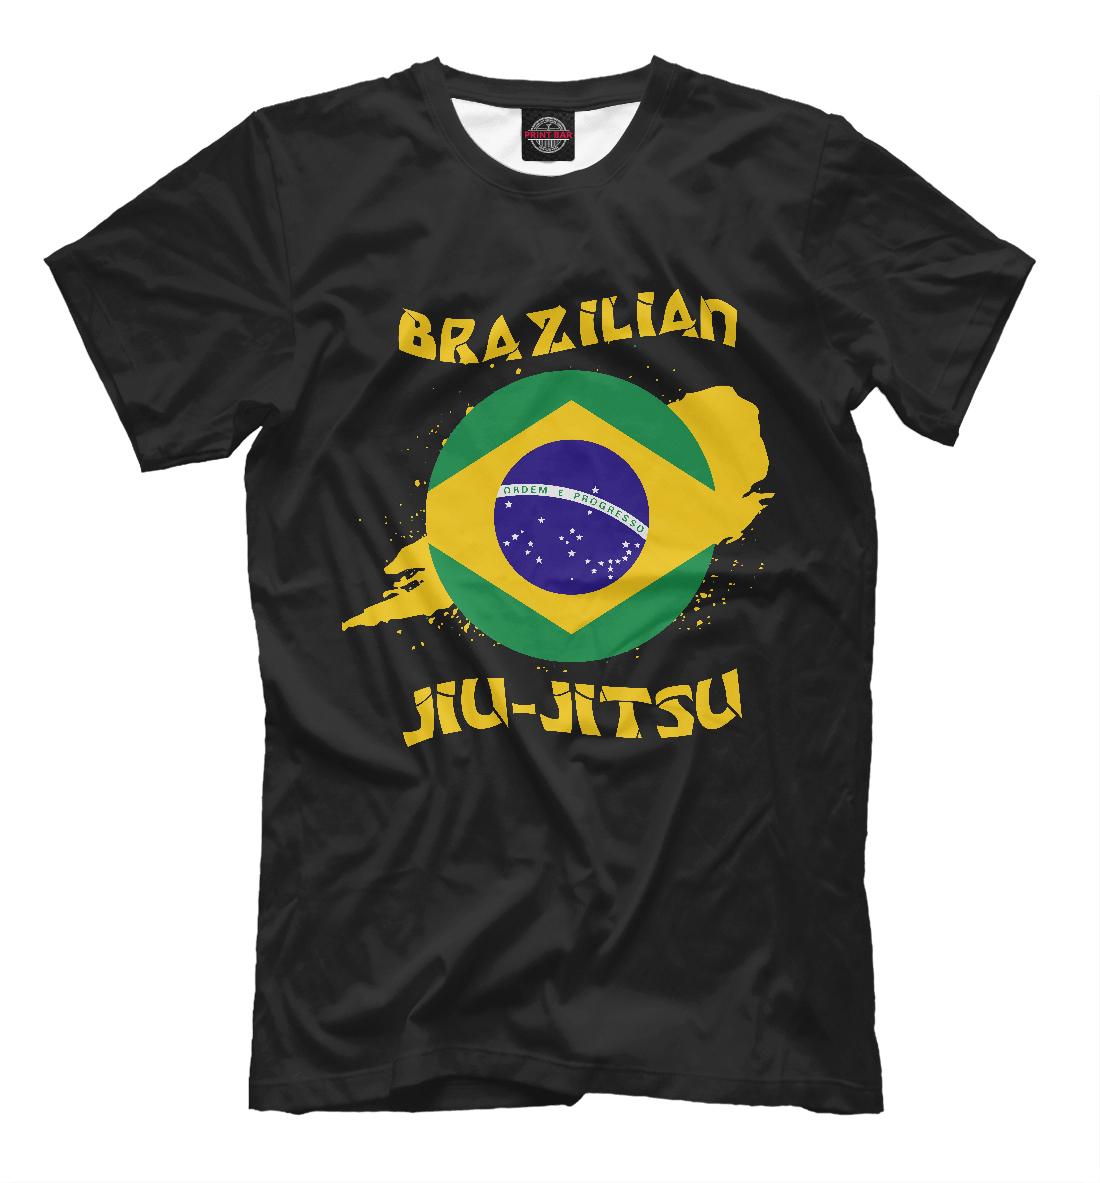 Купить Бразильское джиу-джитсу, Printbar, Футболки, EDI-680613-fut-2